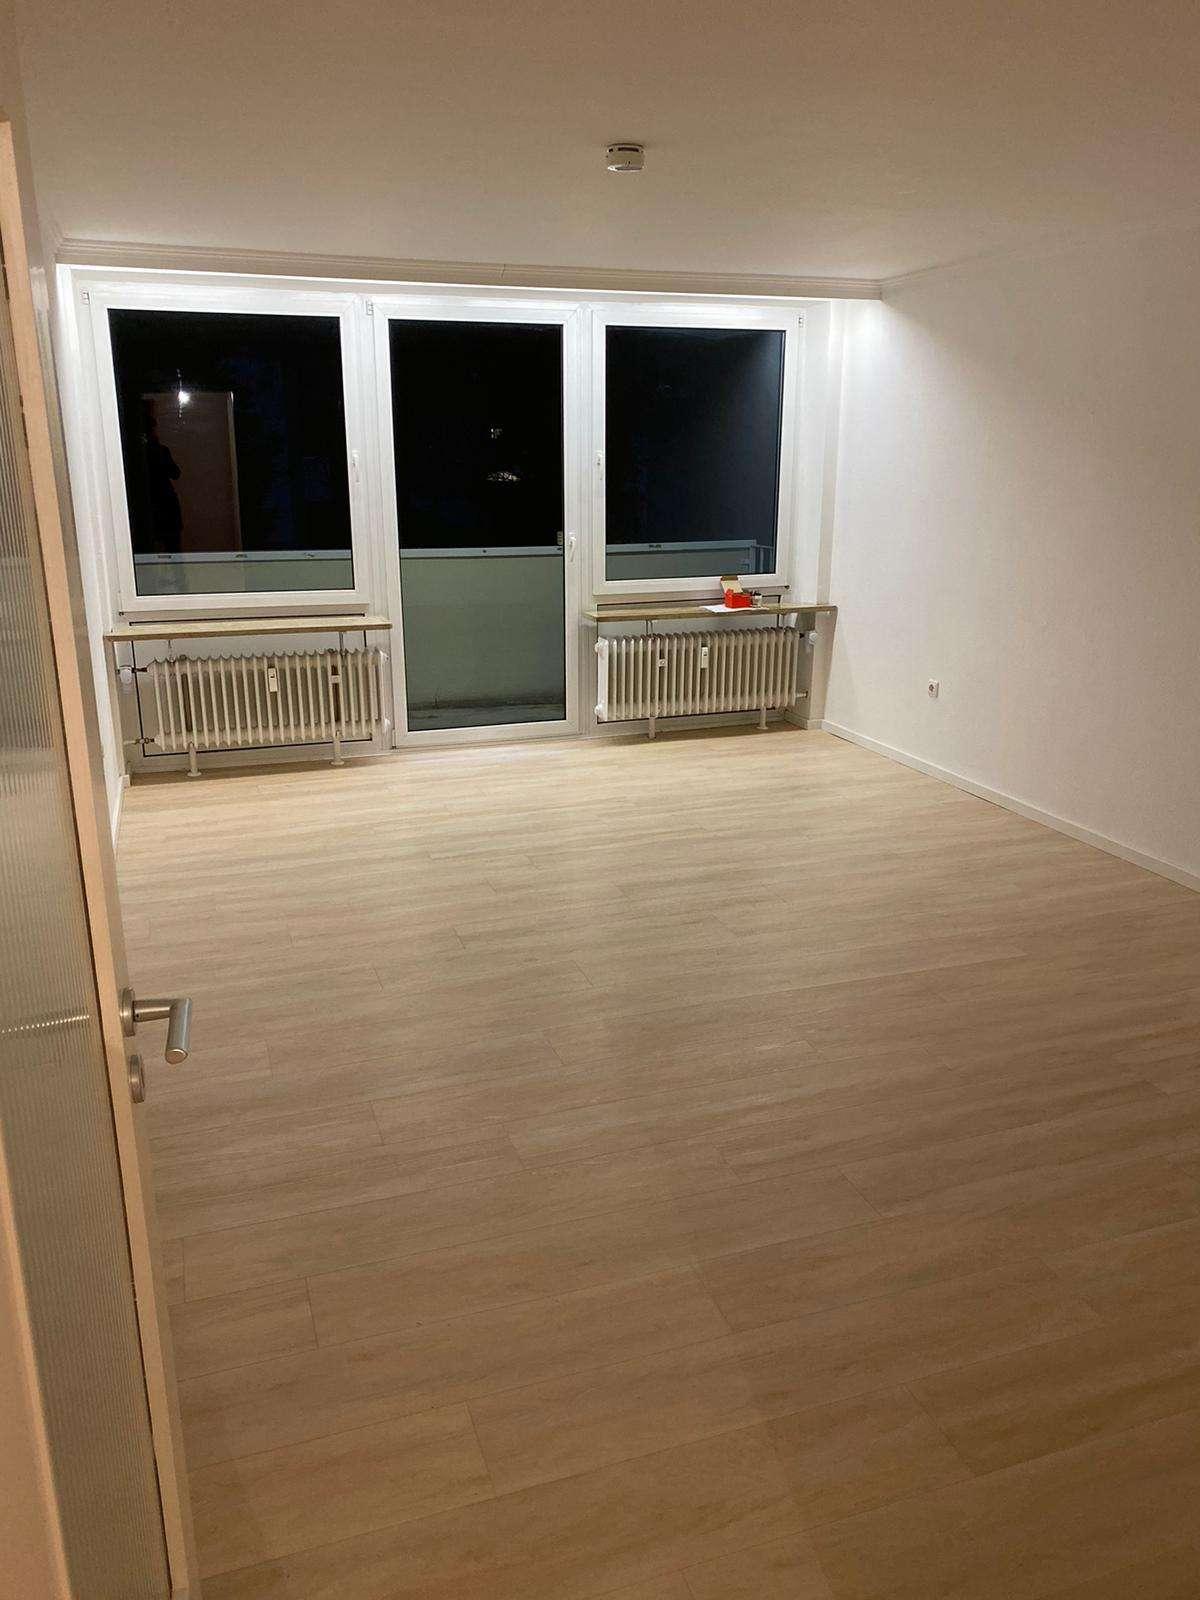 Stilvolle, sanierte 1-Zimmer-Wohnung mit Balkon und EBK in Bogenhausen, München in Bogenhausen (München)